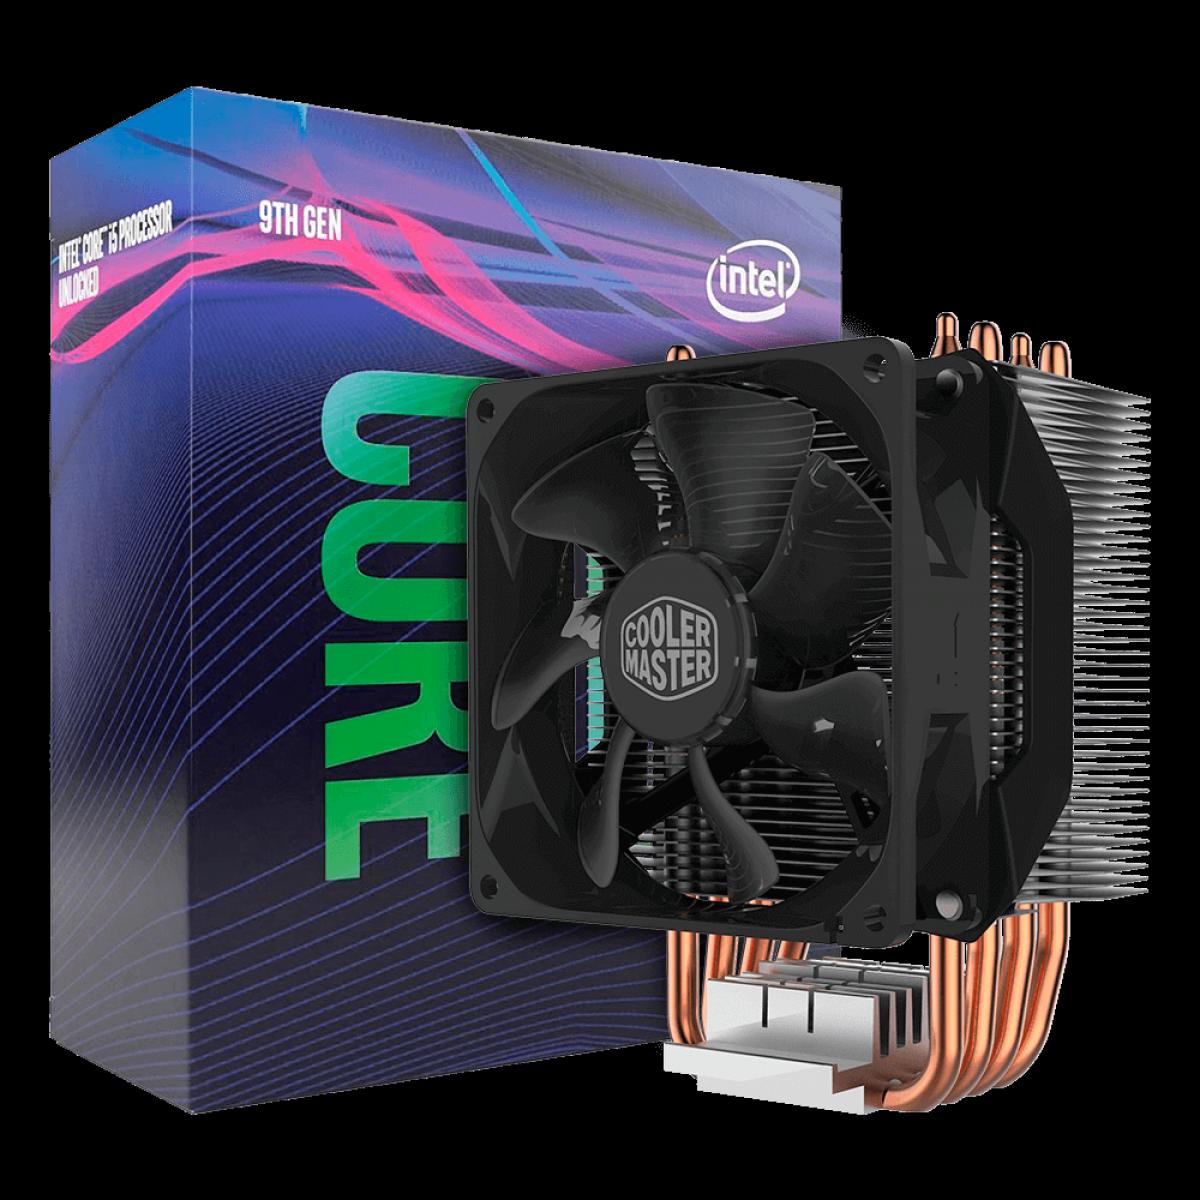 Kit Processador Intel Core i5 9600KF 3.70GHz (4.60GHz Turbo), 9ª Geração, 6-Cores 6-Threads, LGA 1151, BX80684I59600KF, S/VÍDEO + Cooler Master Hyper H412R